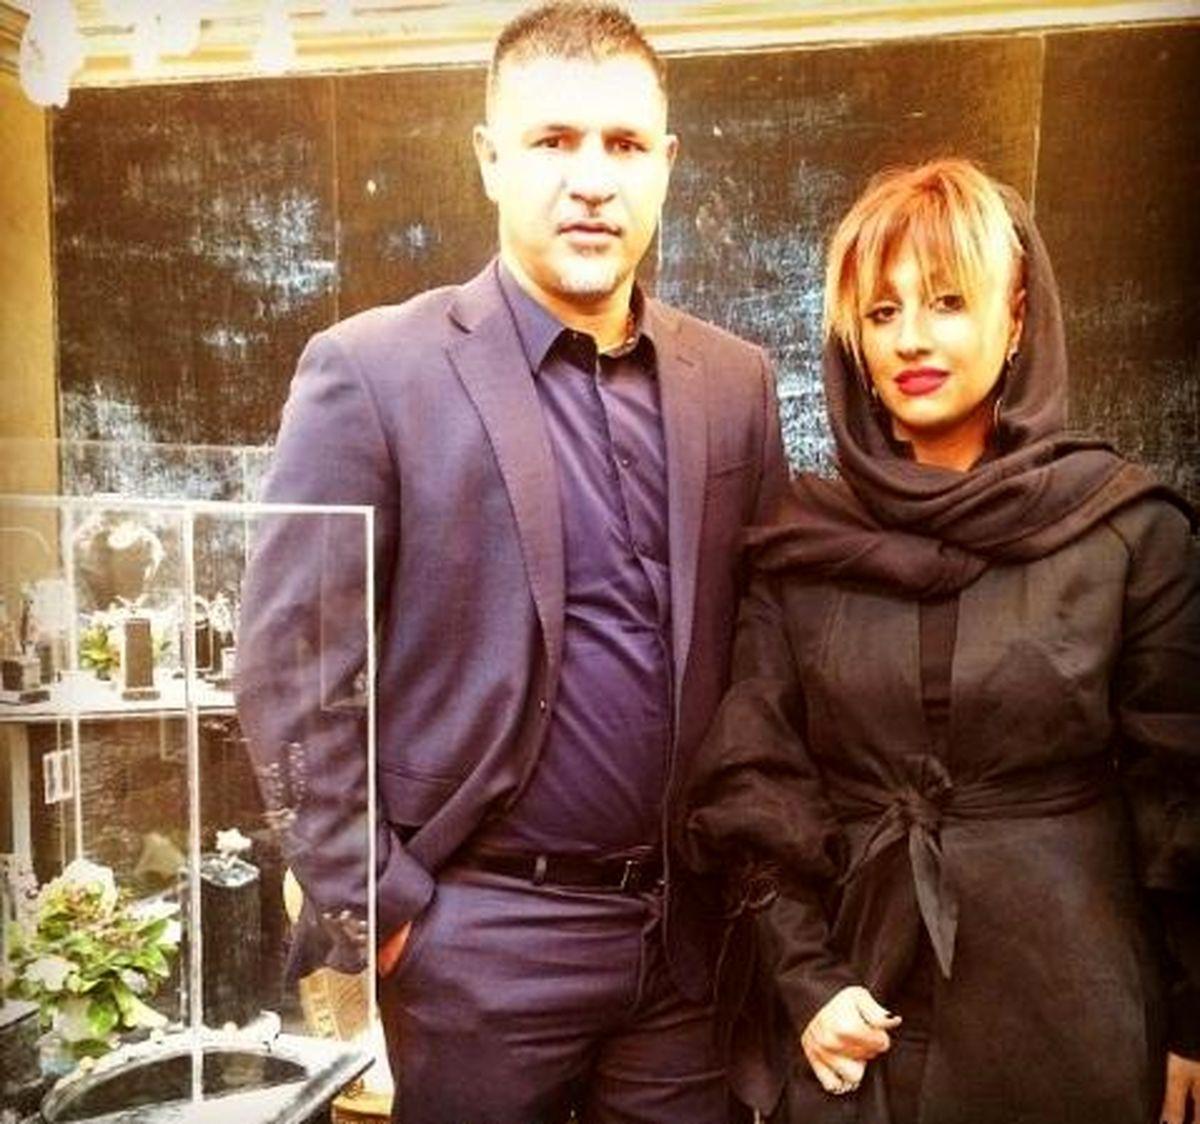 دورهمی علی دایی و همسر میلیاردش در رستوران مجلل غوغا به پاکرد + عکس